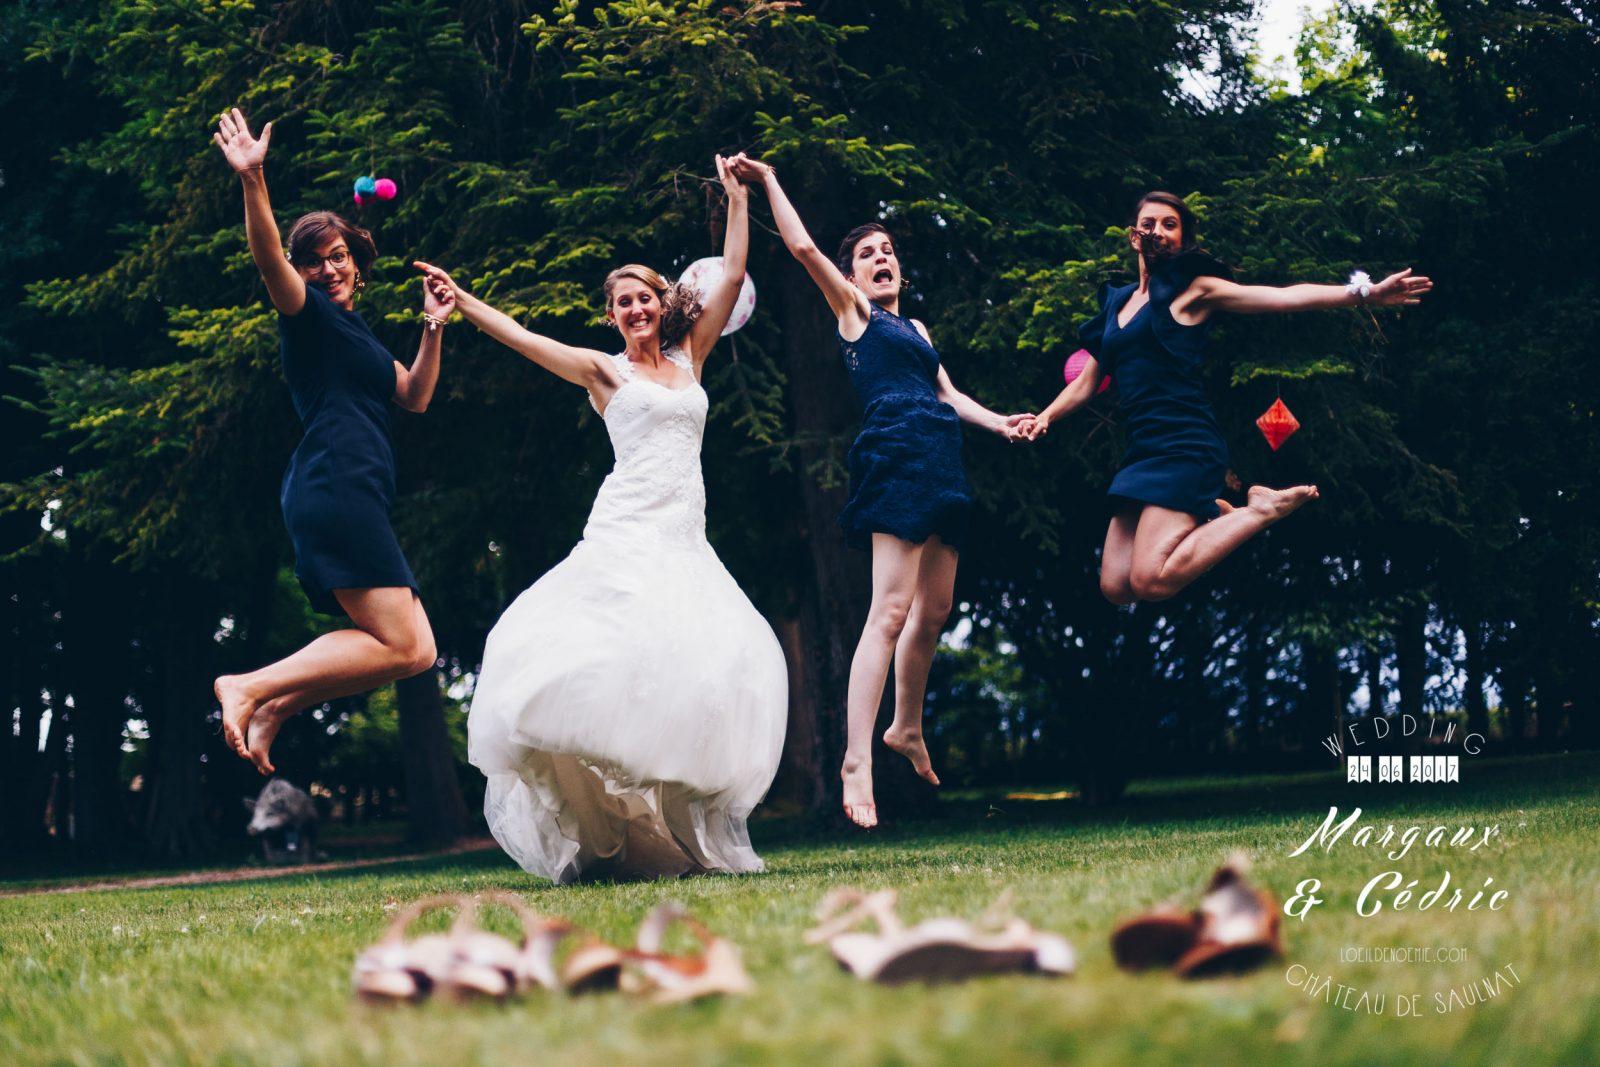 réussir son mariage, jump de jeune mariée et ses témoins, belle photo soirée de mariage, L'oeil de Noémie meilleur photographe de mariage en Auvergne